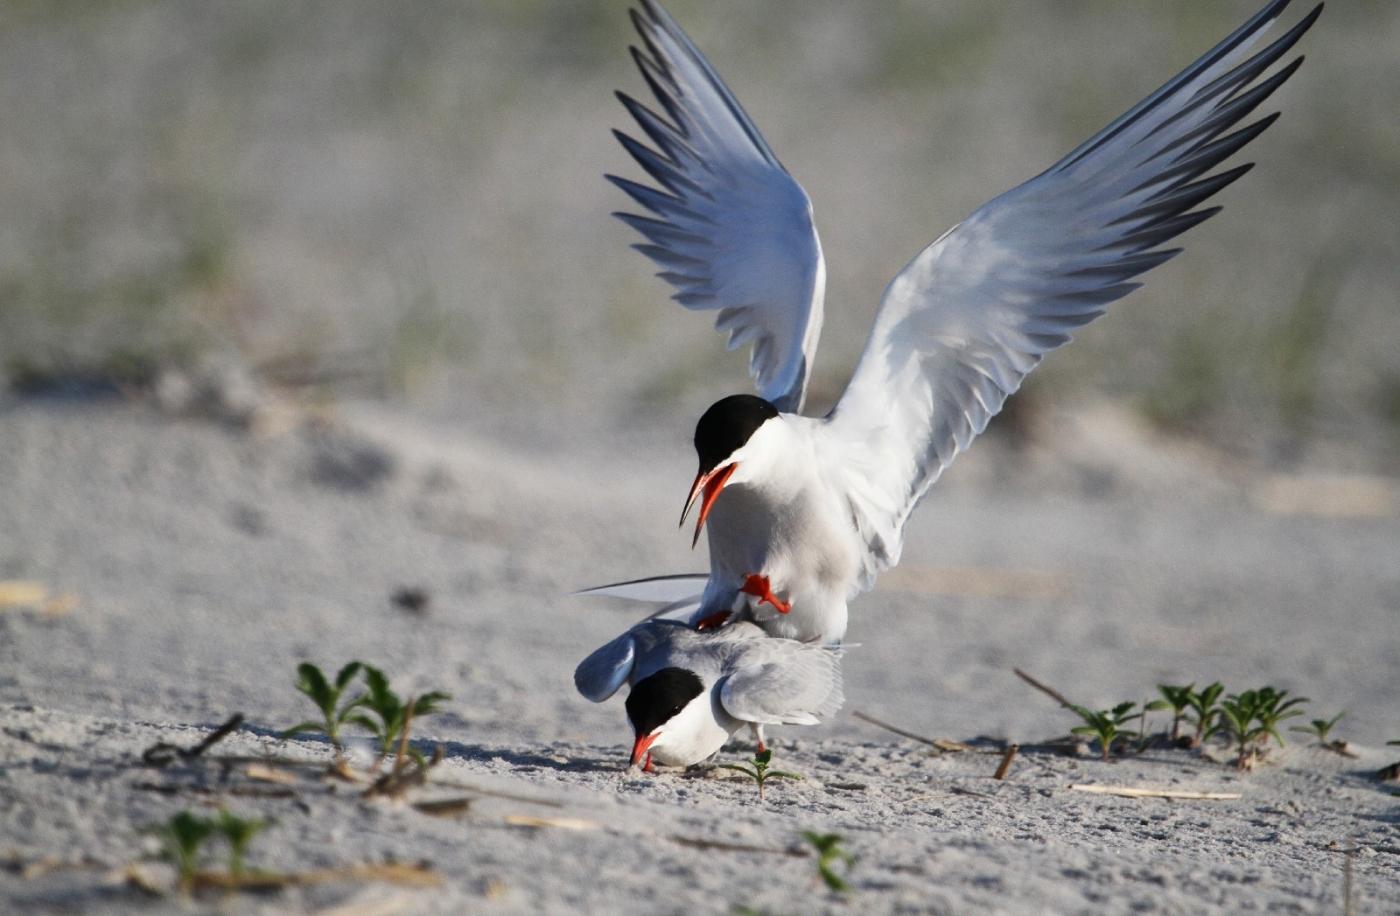 【田螺摄影】nickerson beach拍燕鸥求爱[二]_图1-18